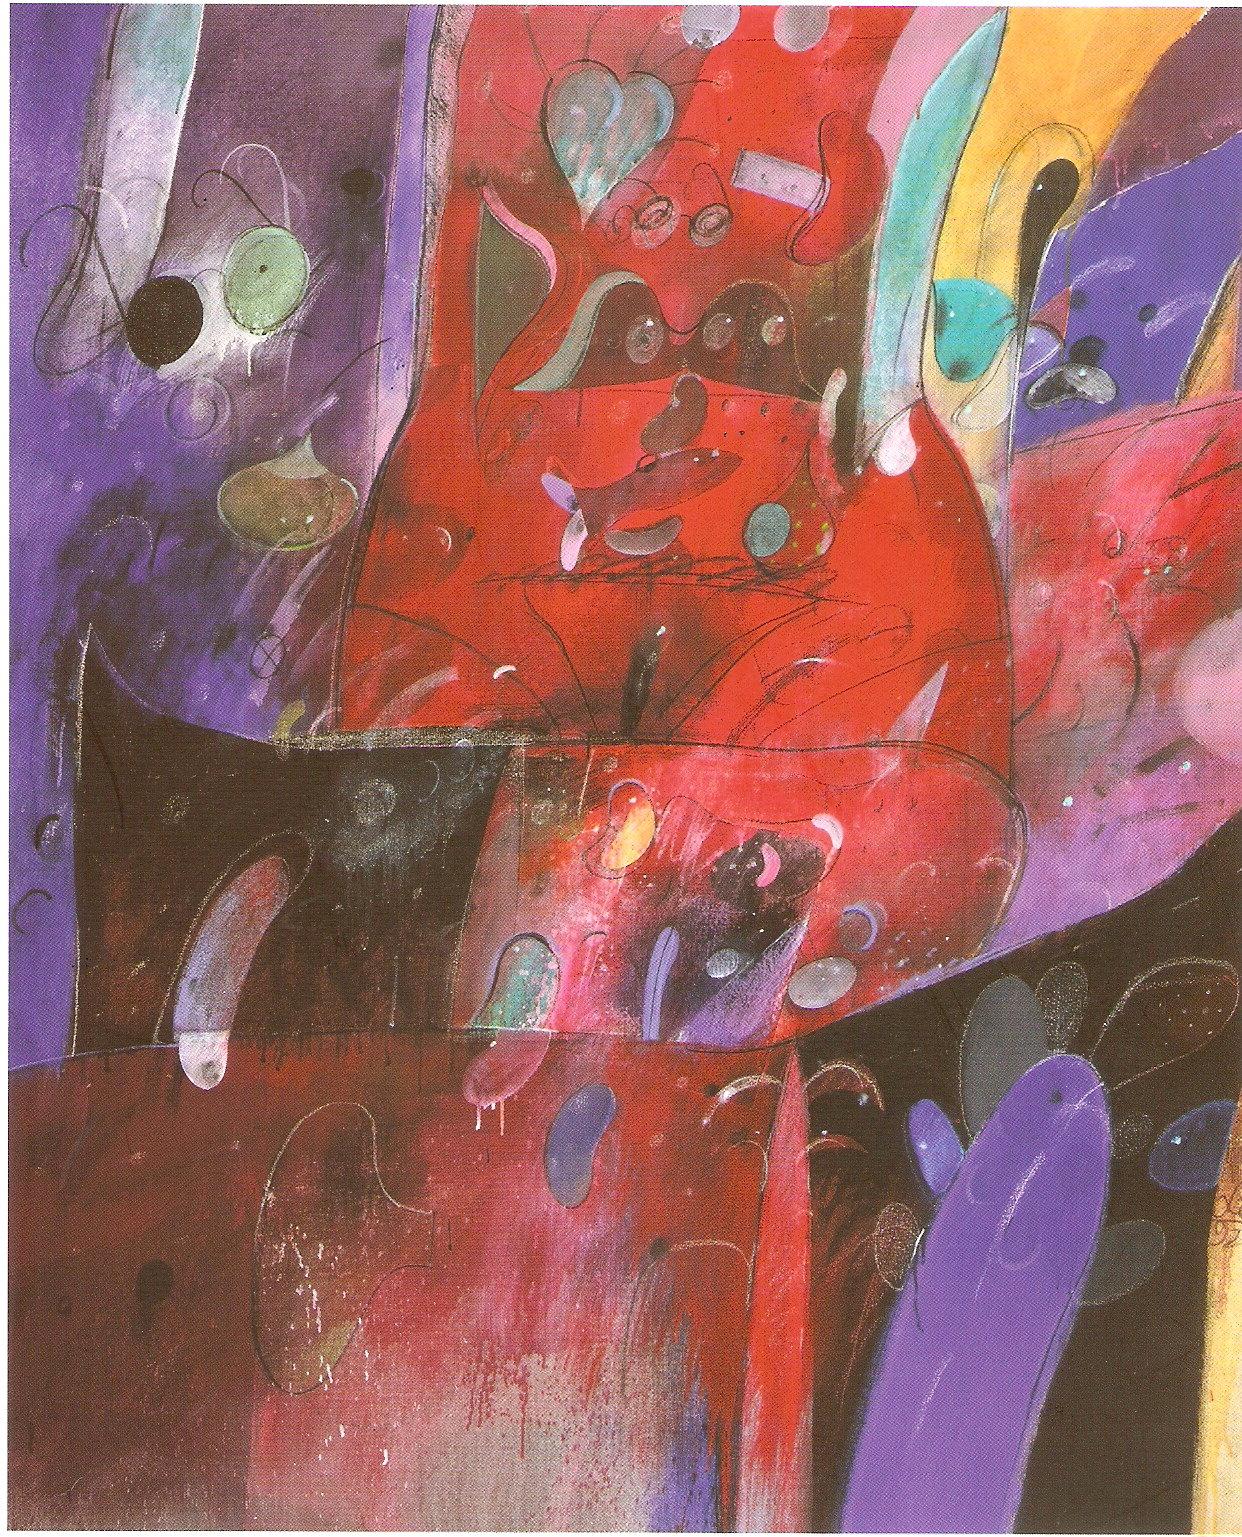 Cuerpo con Cosas - Acrílico y tela - 170 x 140 cm - 1993  Foto U. Stump, cortesía R. von Gunten